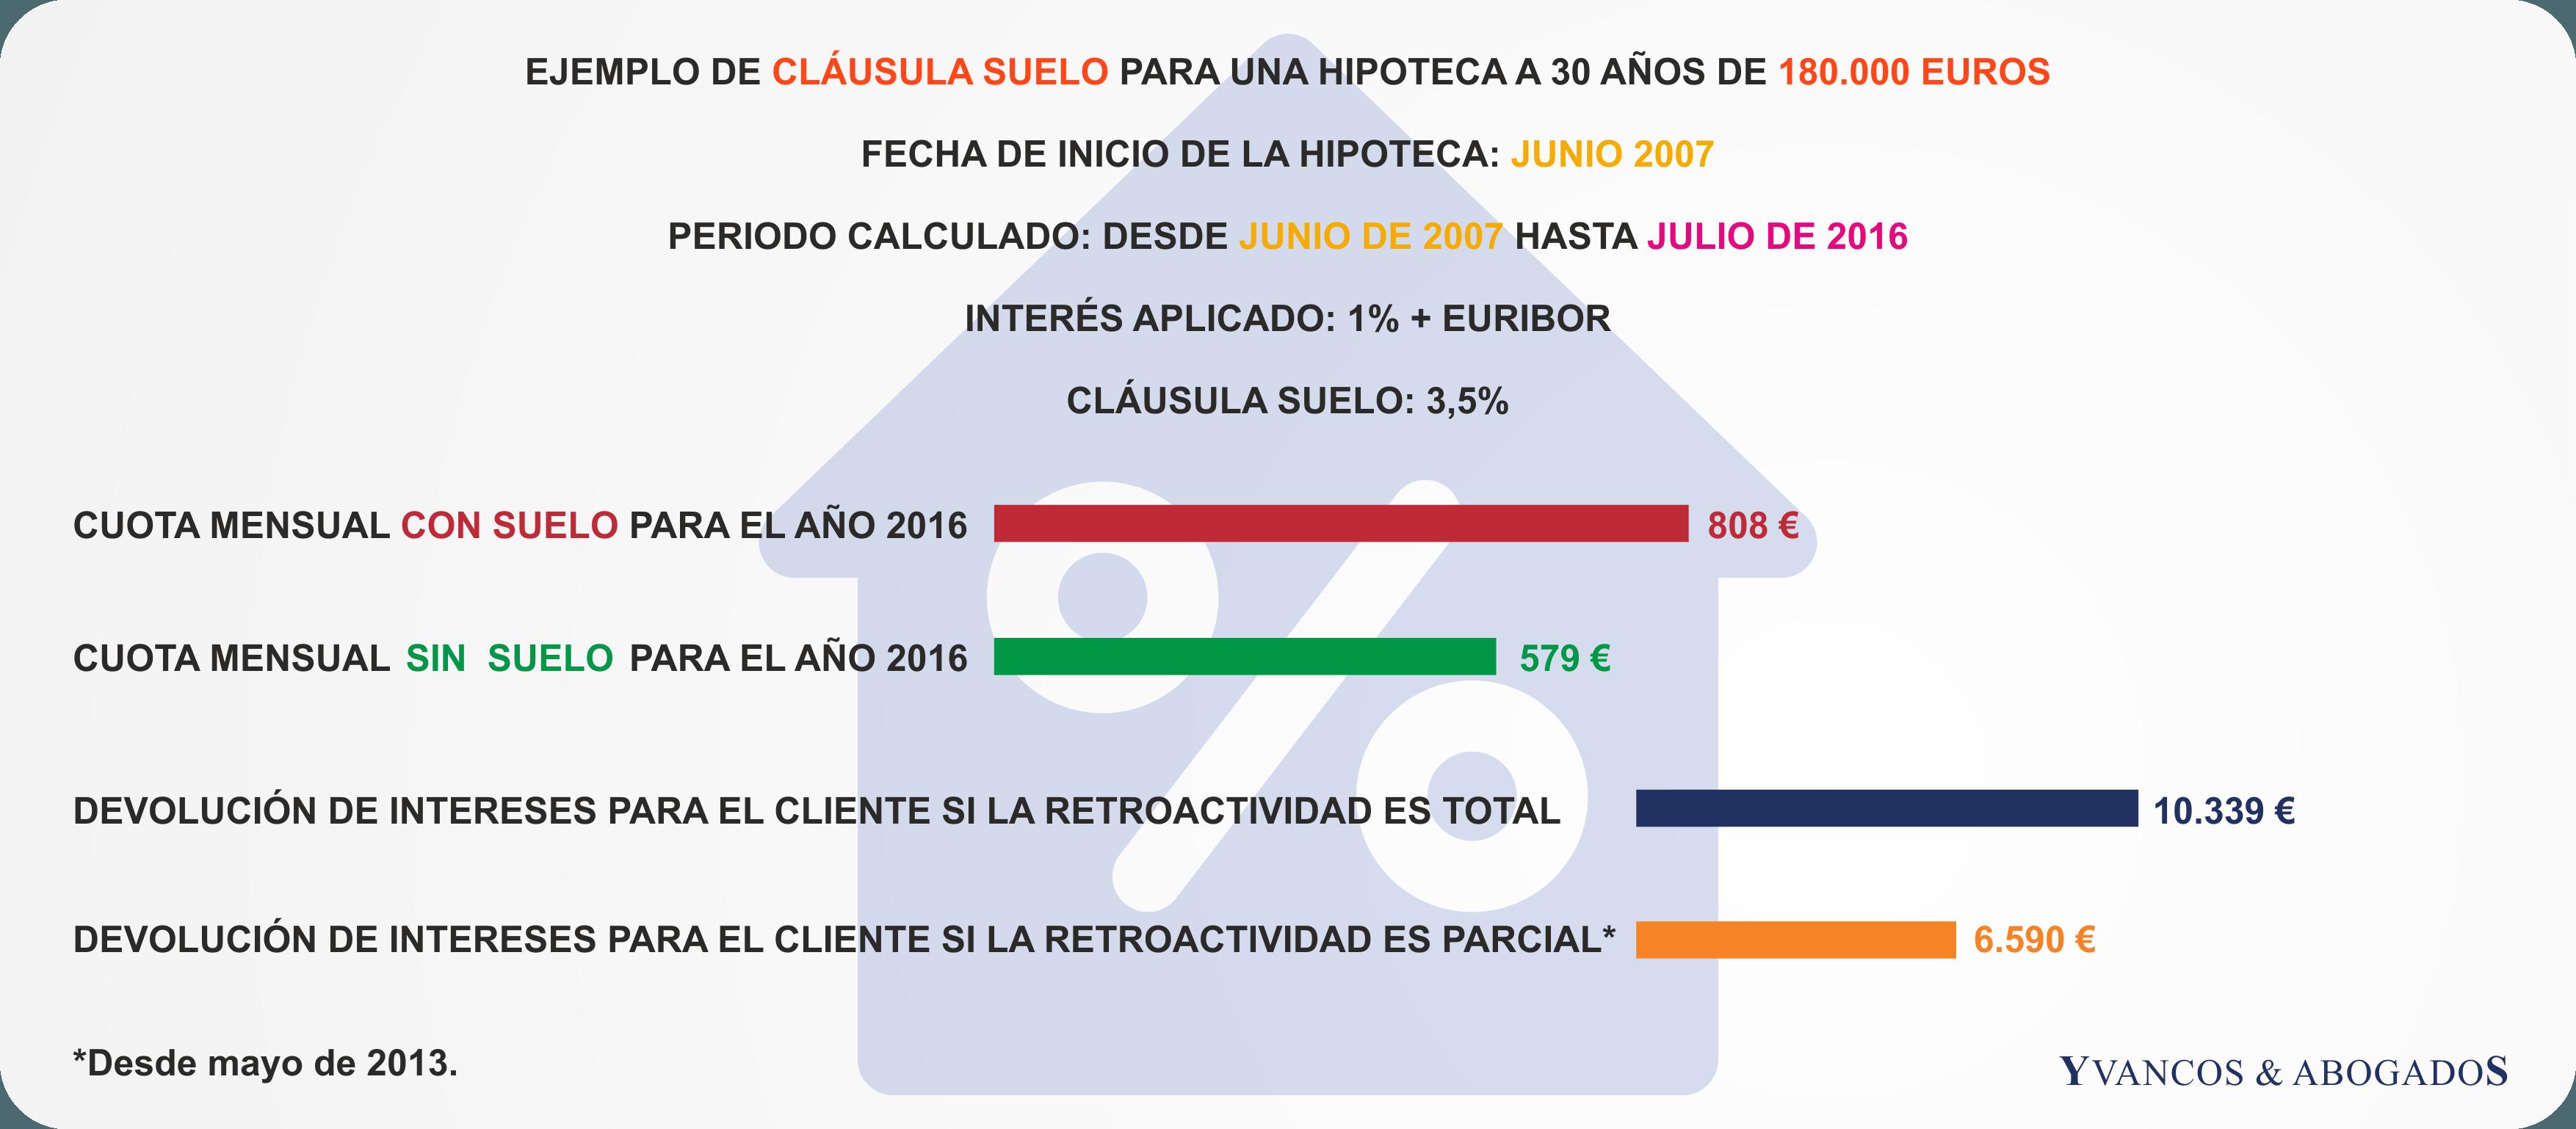 Nueva sentencia de cl usula suelo con retroactividad total for Sentencia clausula suelo 2016